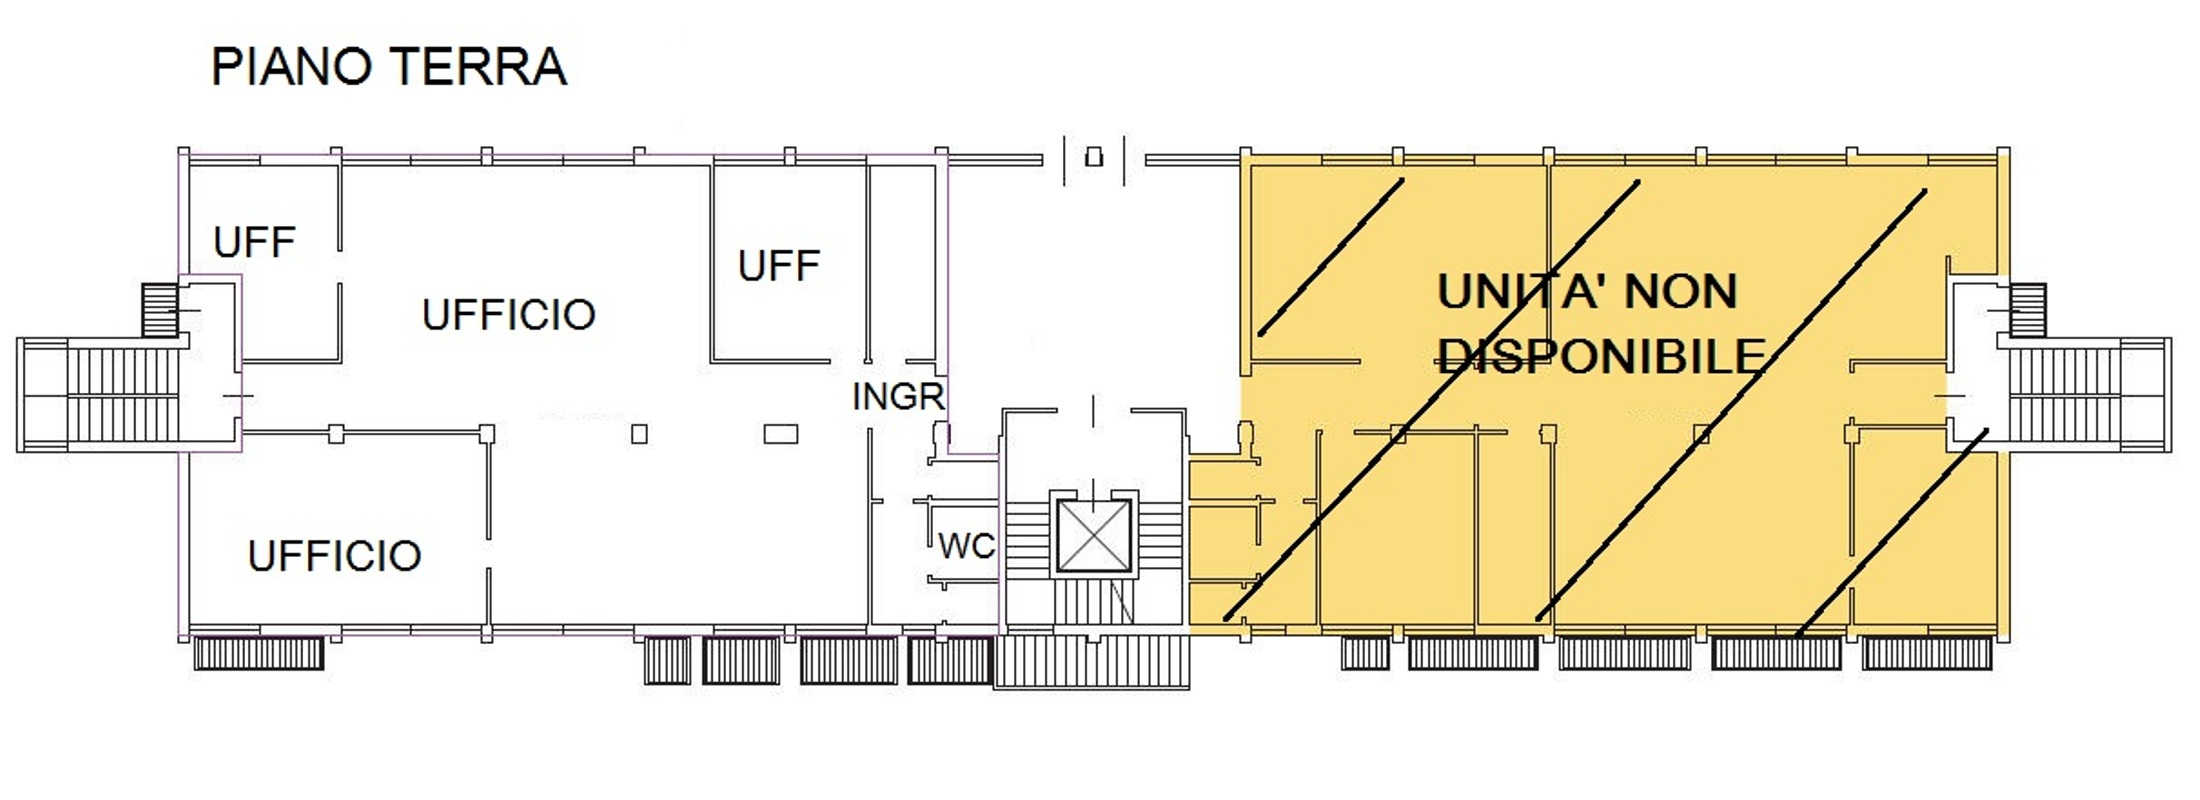 Capannone,Negozio,Ufficio in Affitto  a Vimercate - RIF. ULQL023